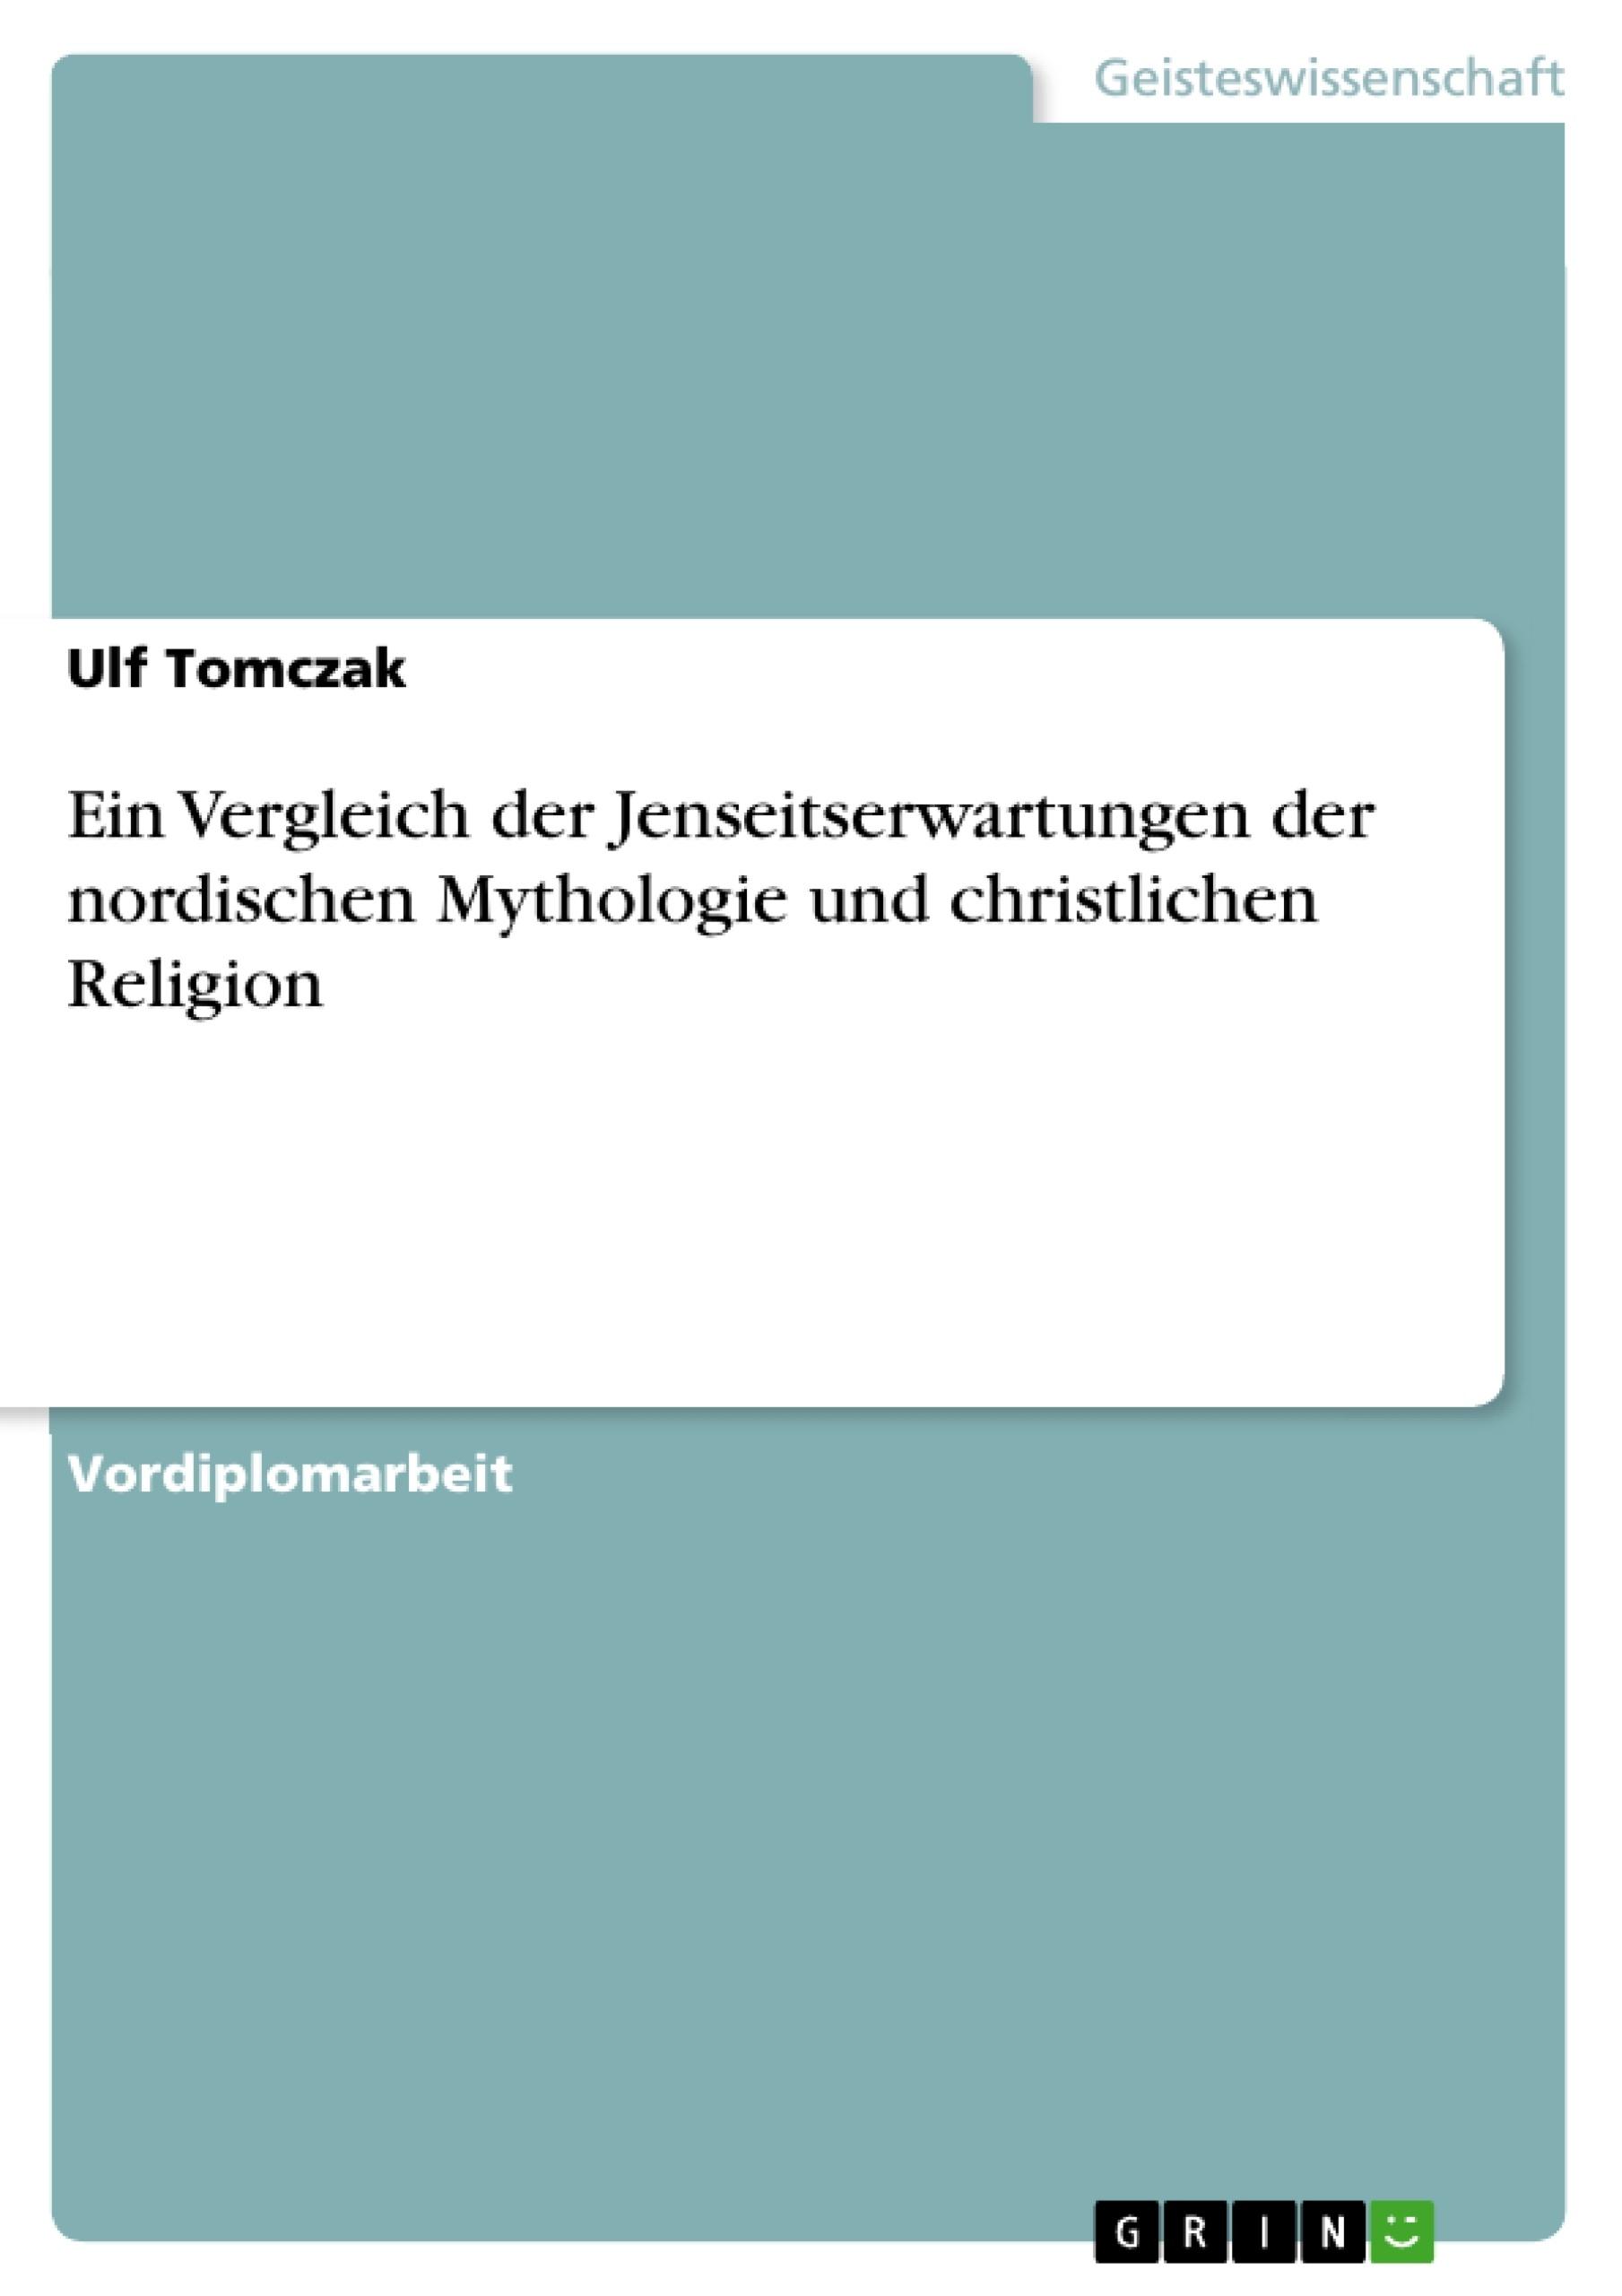 Titel: Ein Vergleich der Jenseitserwartungen der nordischen Mythologie und christlichen Religion